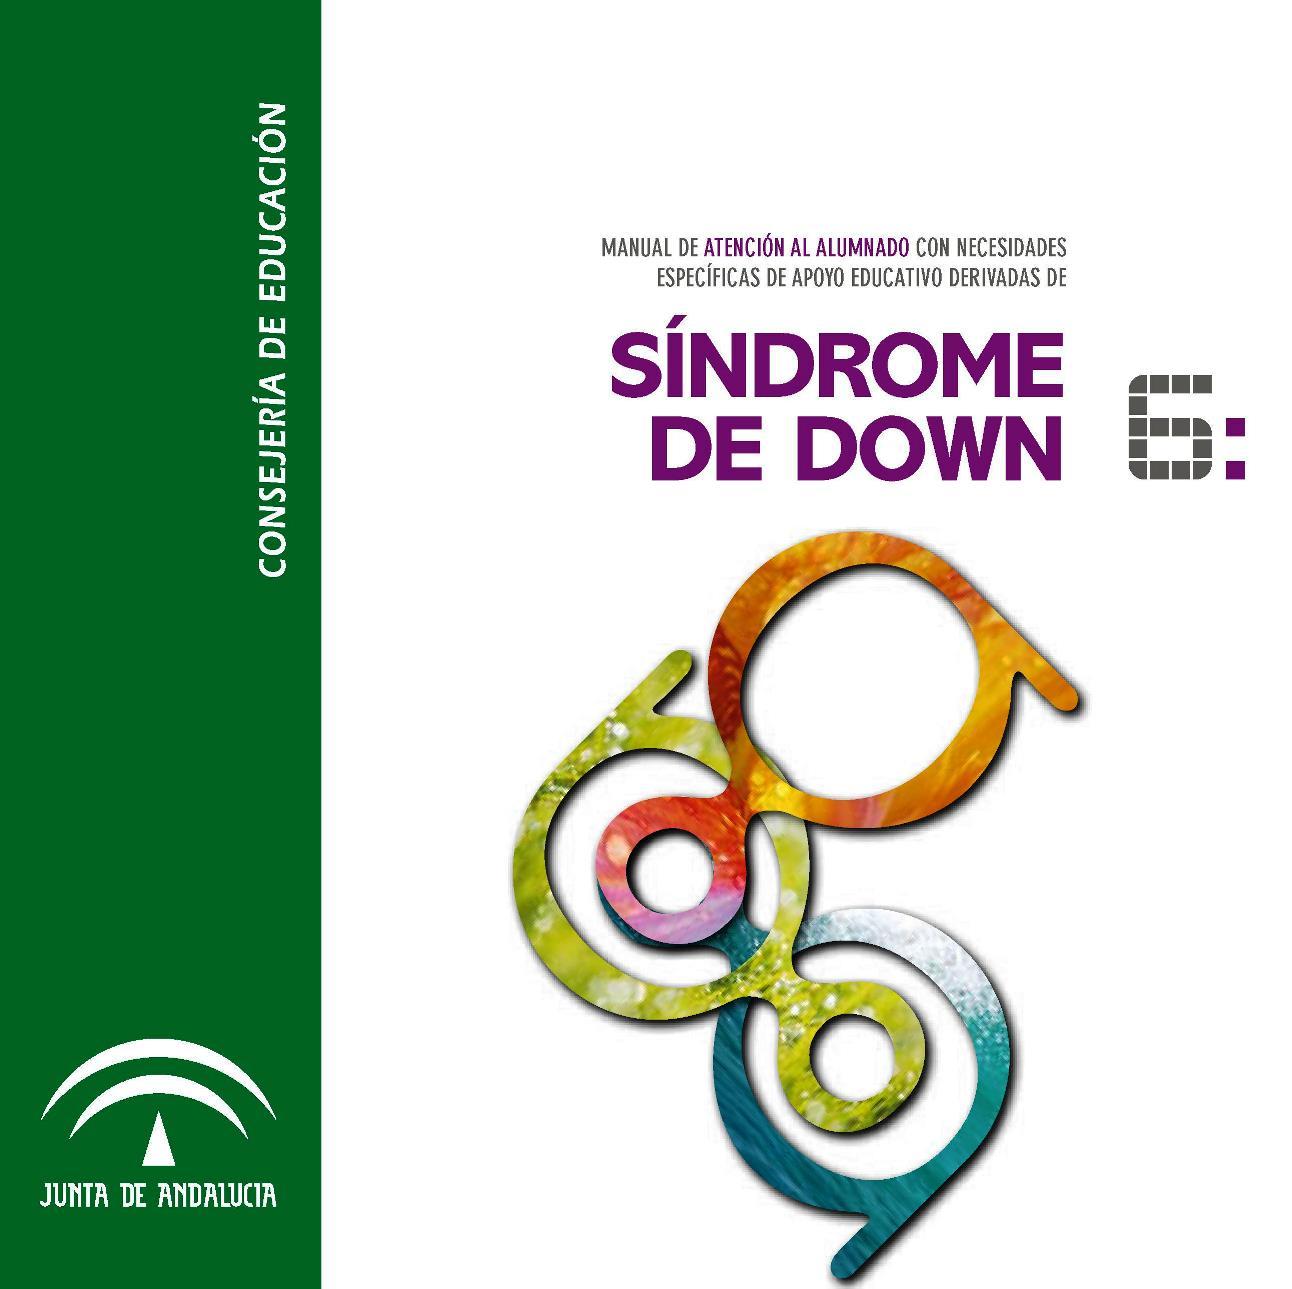 Síndrome de Down – Manual de atención al Alumnado